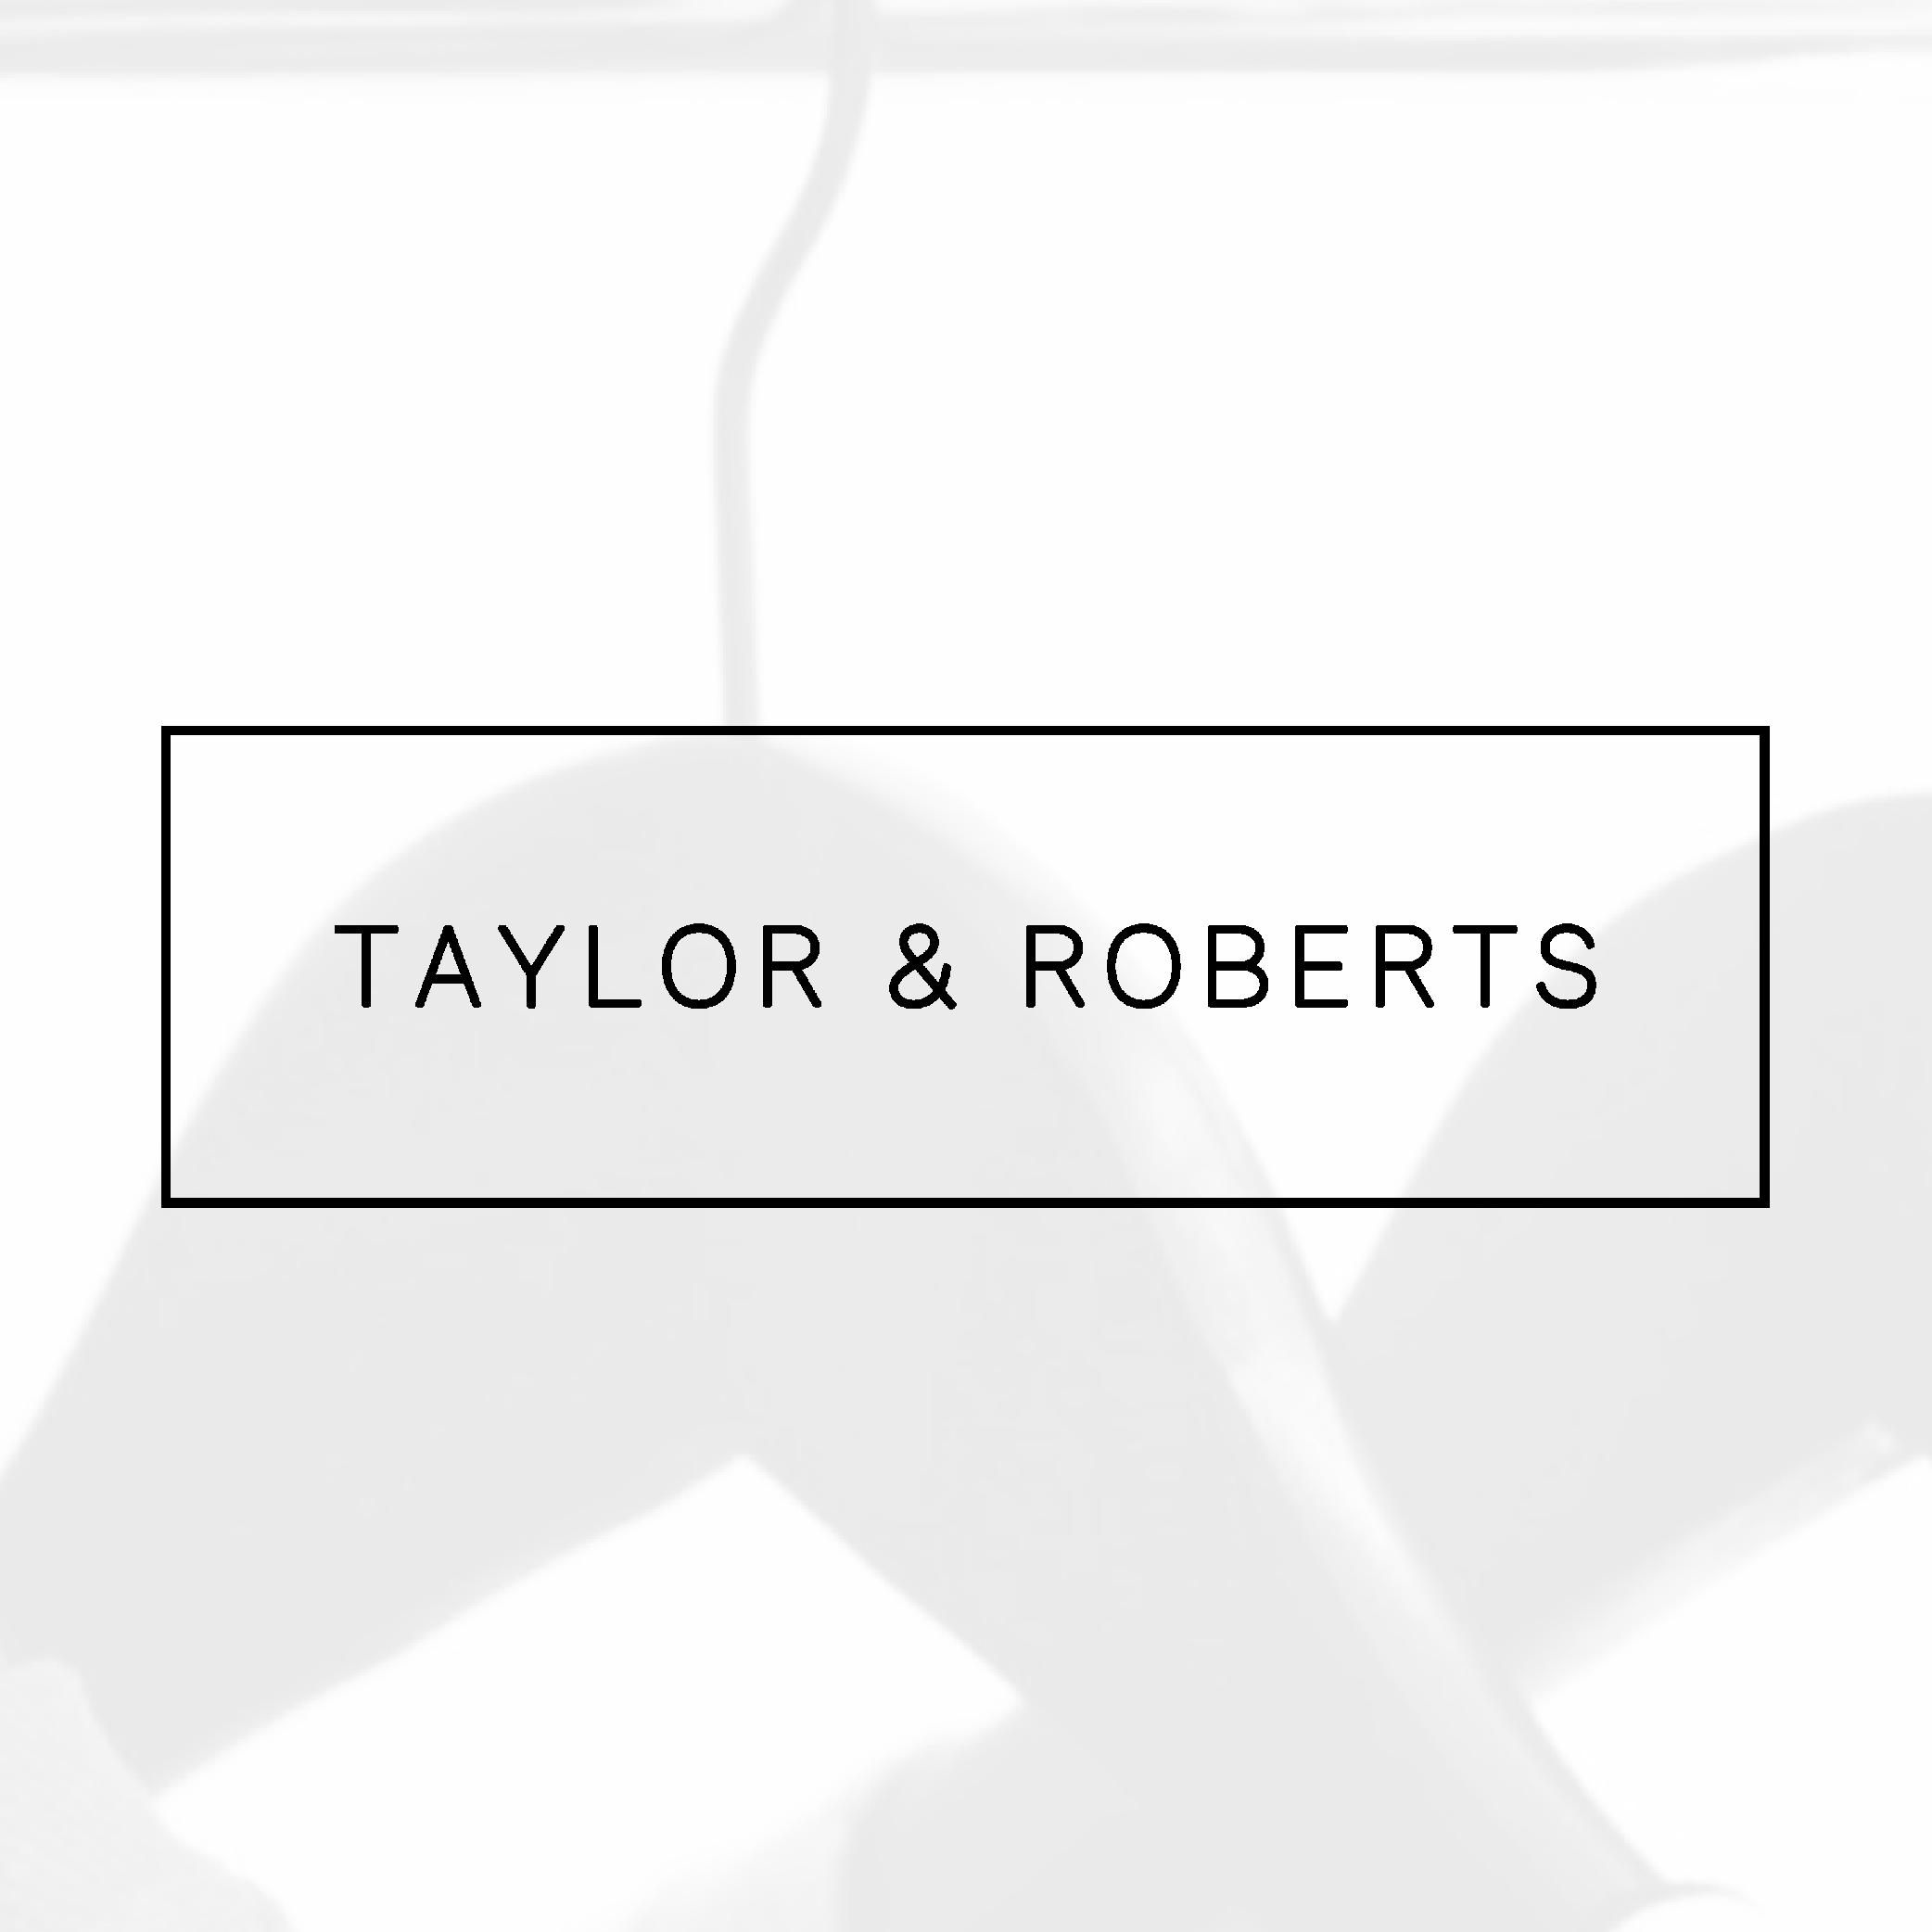 Taylor & Roberts